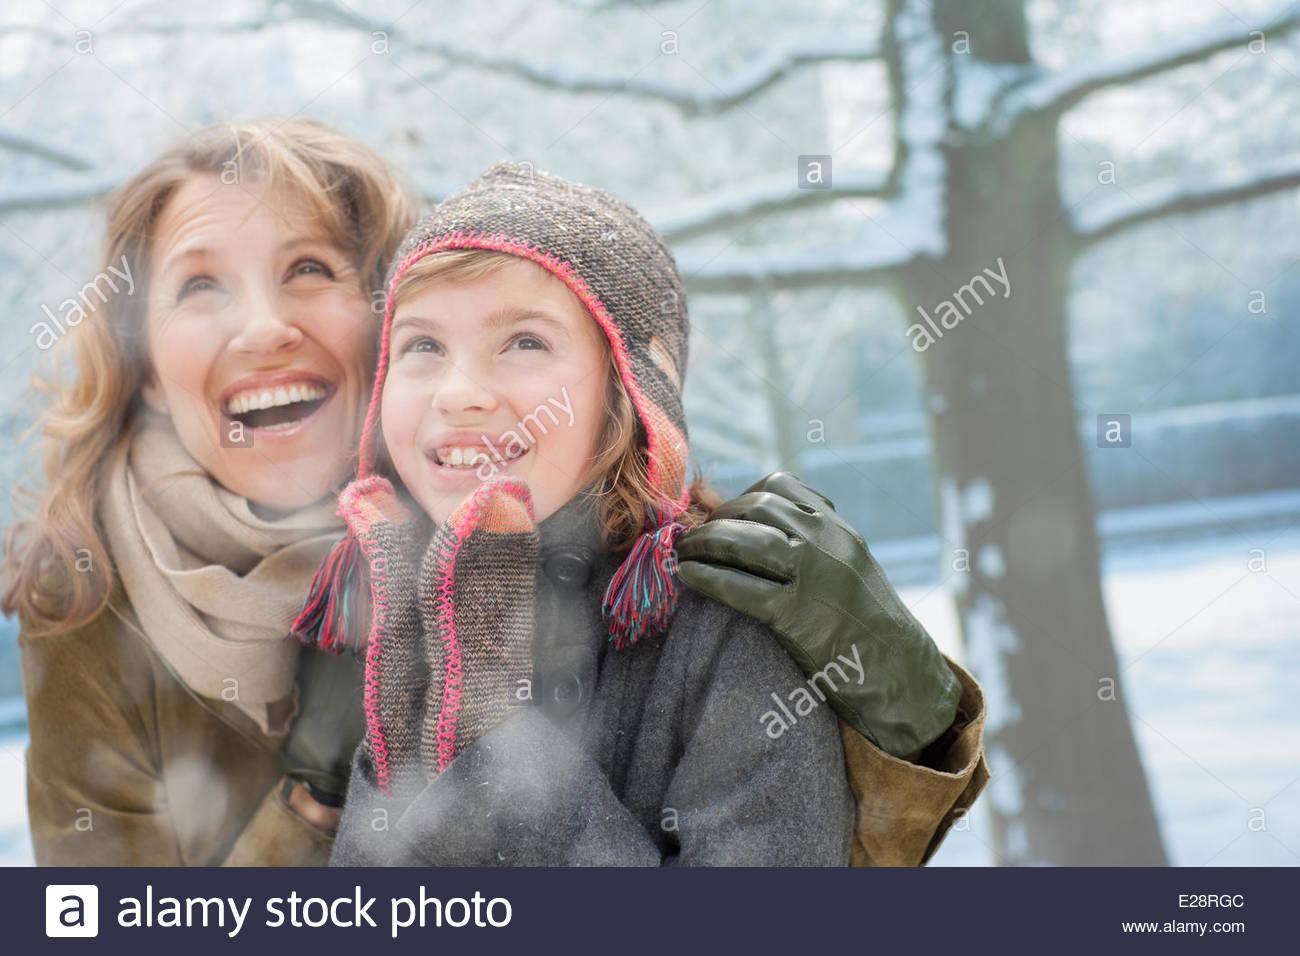 Schnee fällt auf die lächelnde Mutter und Tochter Stockbild